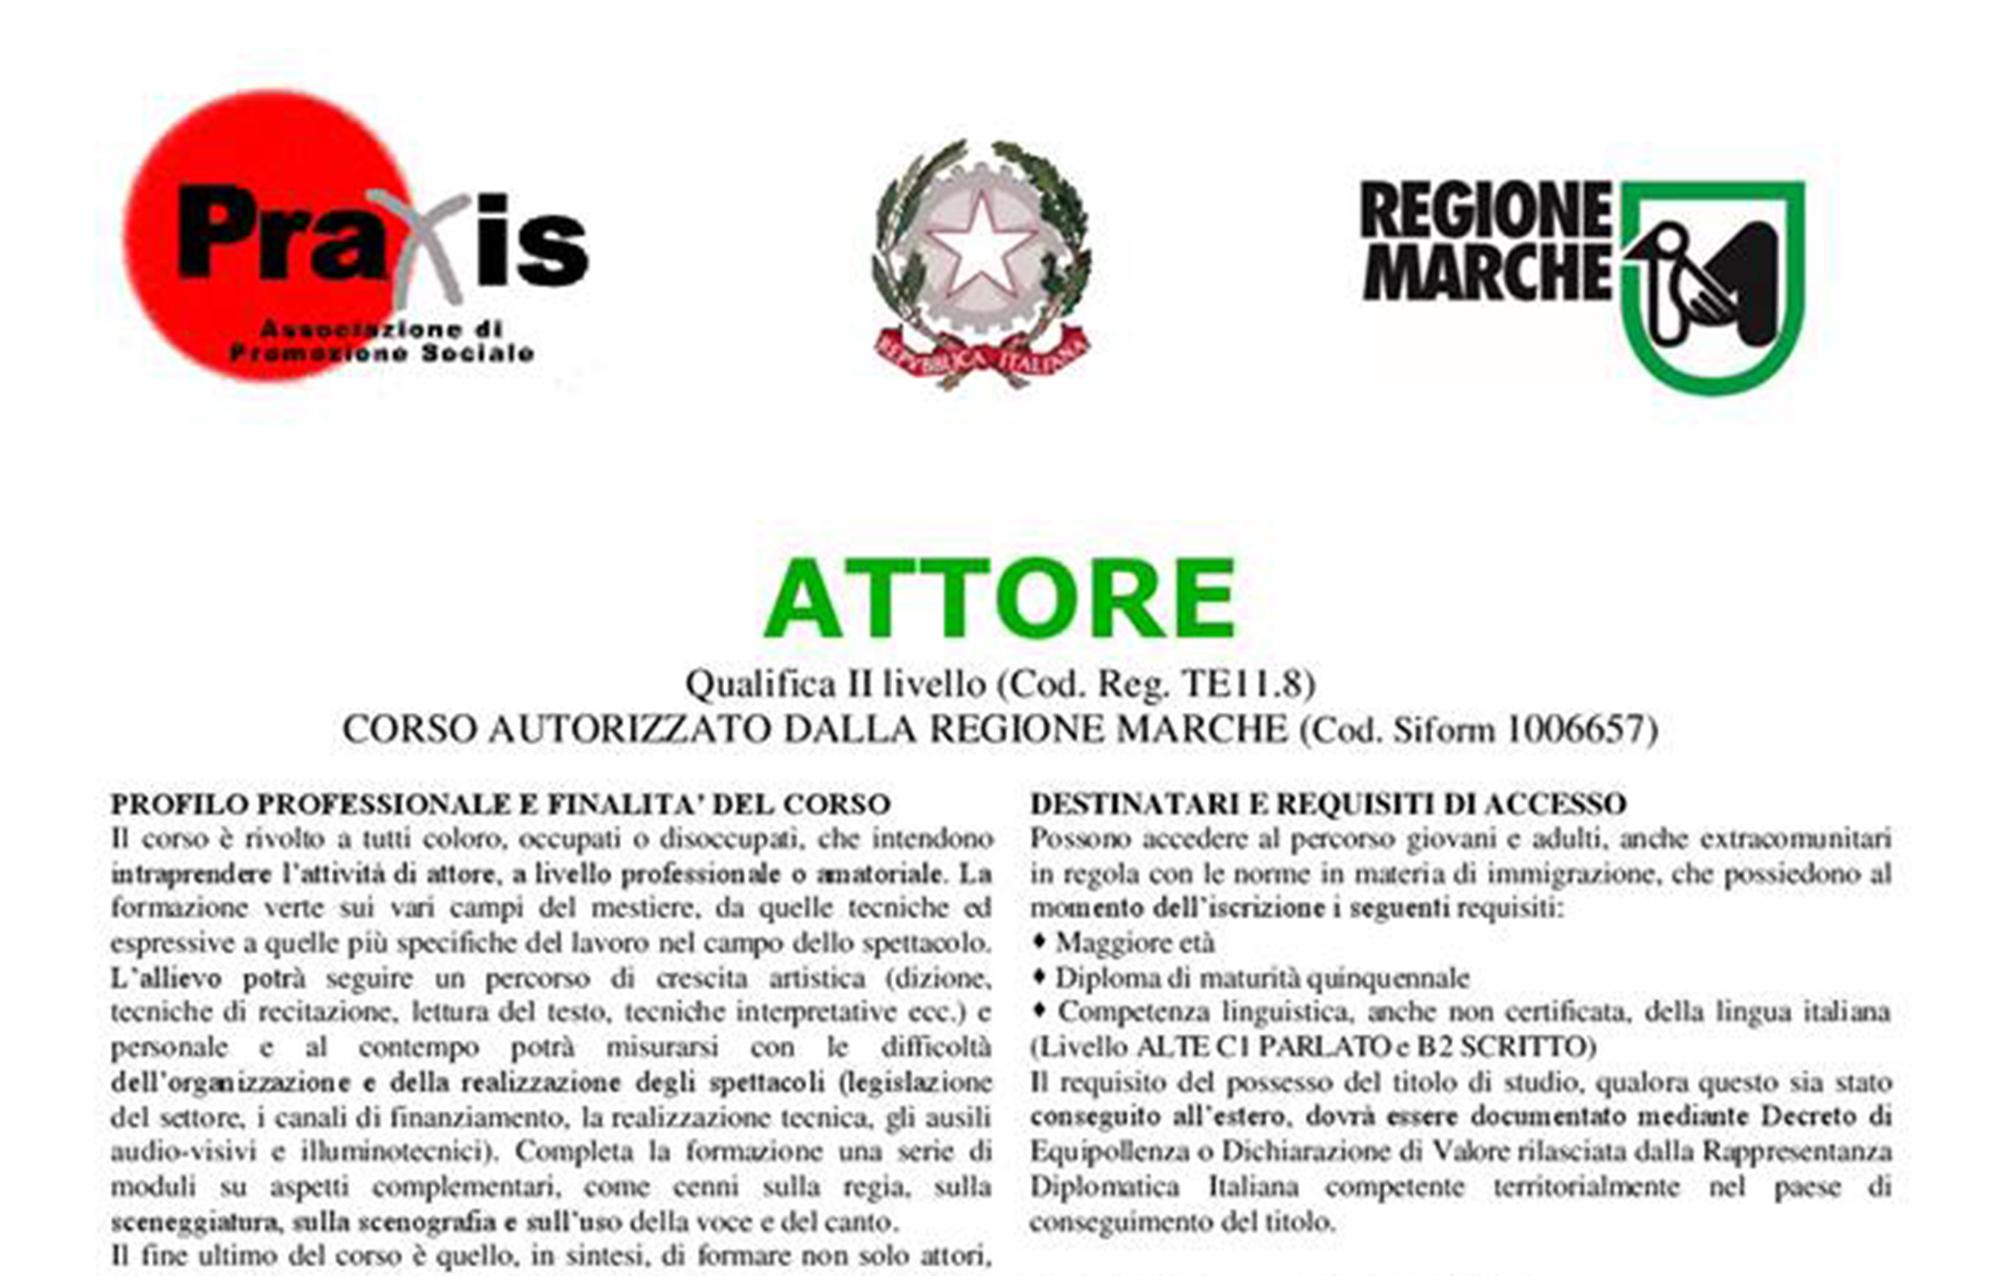 banner corso di qualifica professionale legalmente riconosciuto in attore ente formativo praxis jesi macerata fermo ascoli piceno ancona fano pesaro urbino